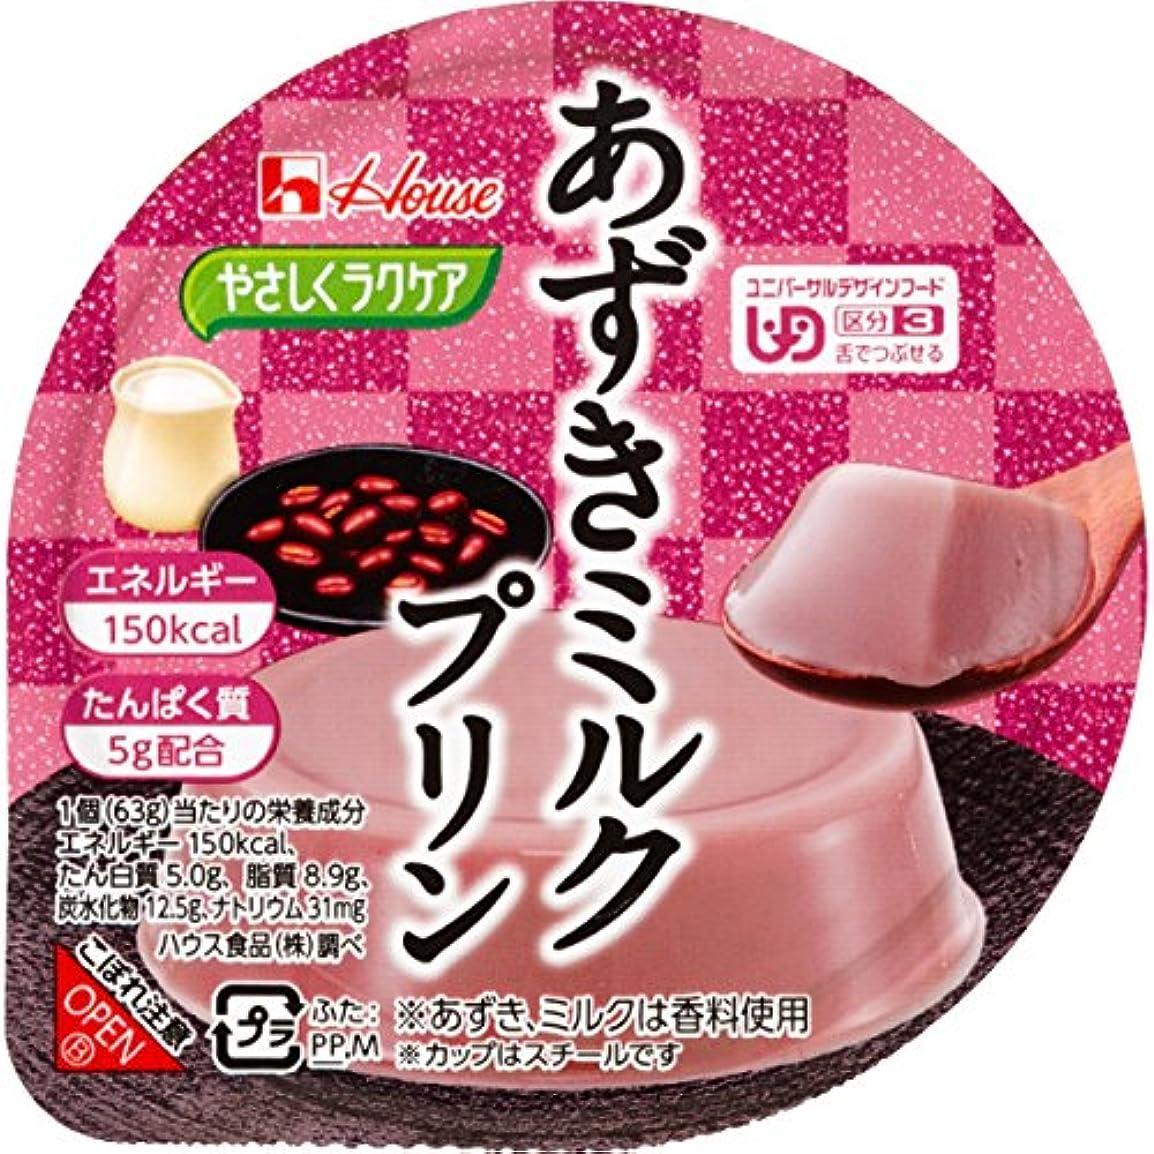 支払うマトリックス太いハウス食品 やさしくラクケア あずきミルクプリン (UDF区分3:舌でつぶせる) 63gx12個